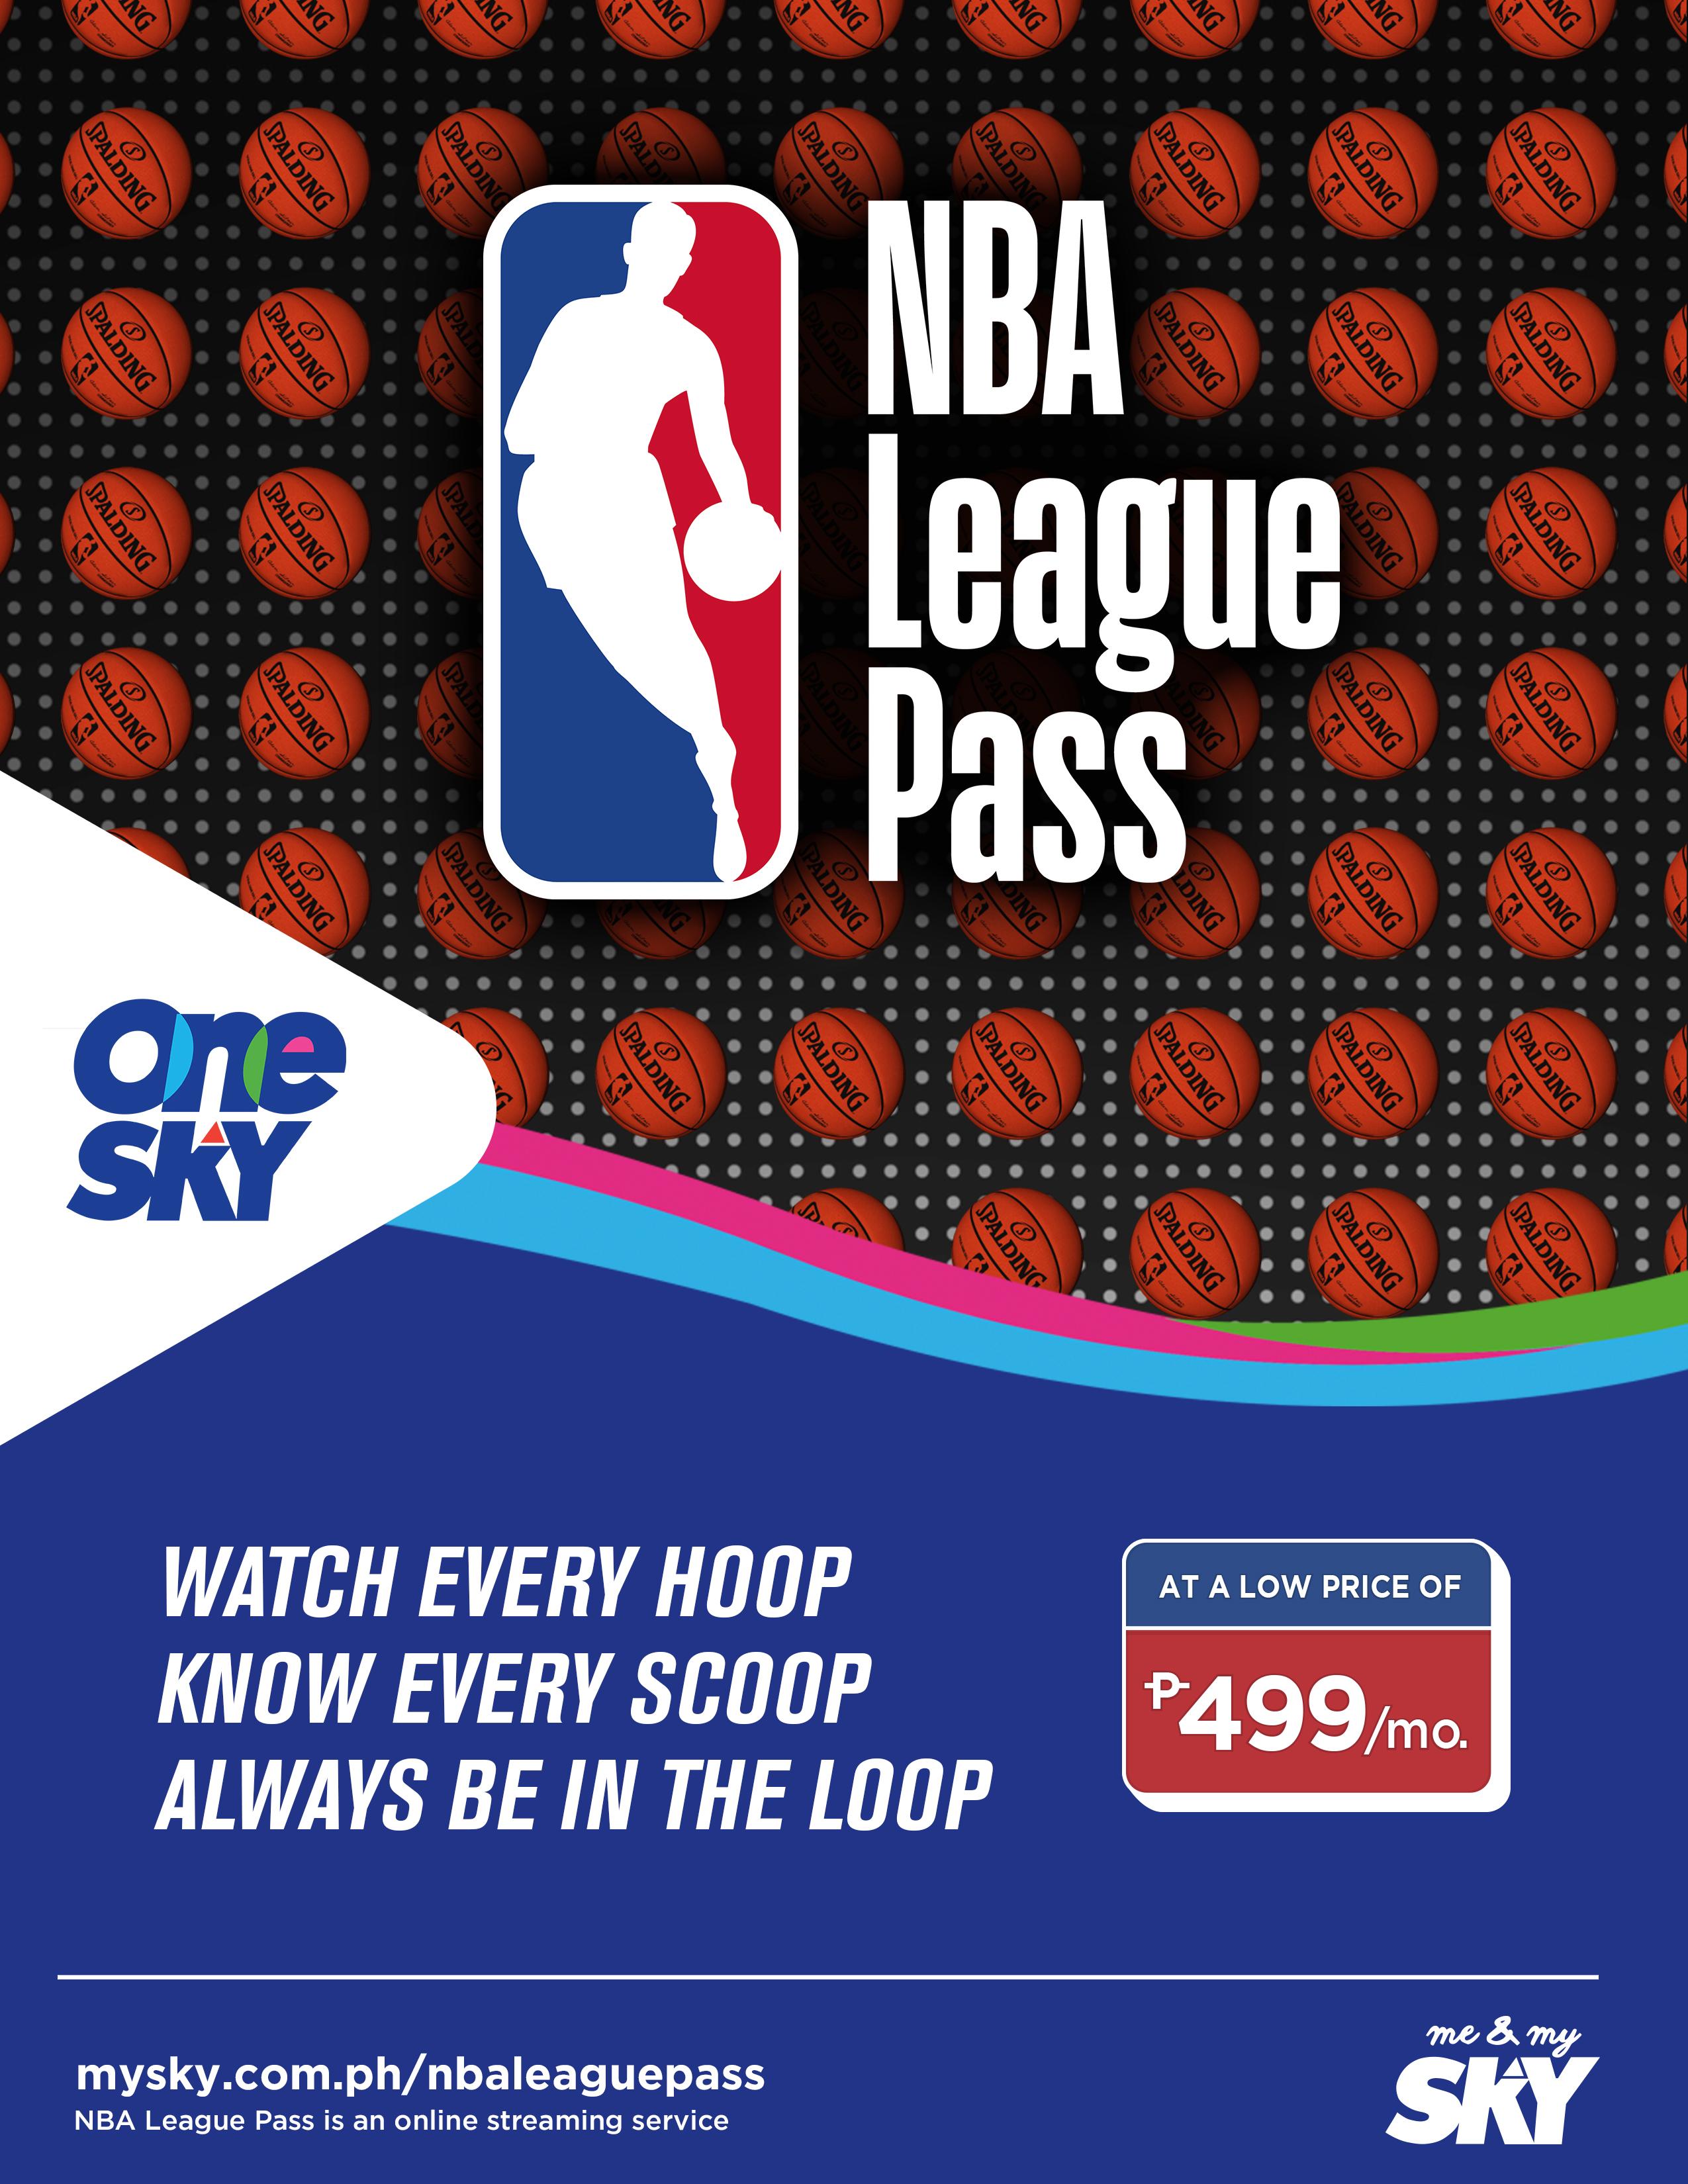 skycable nba league pass